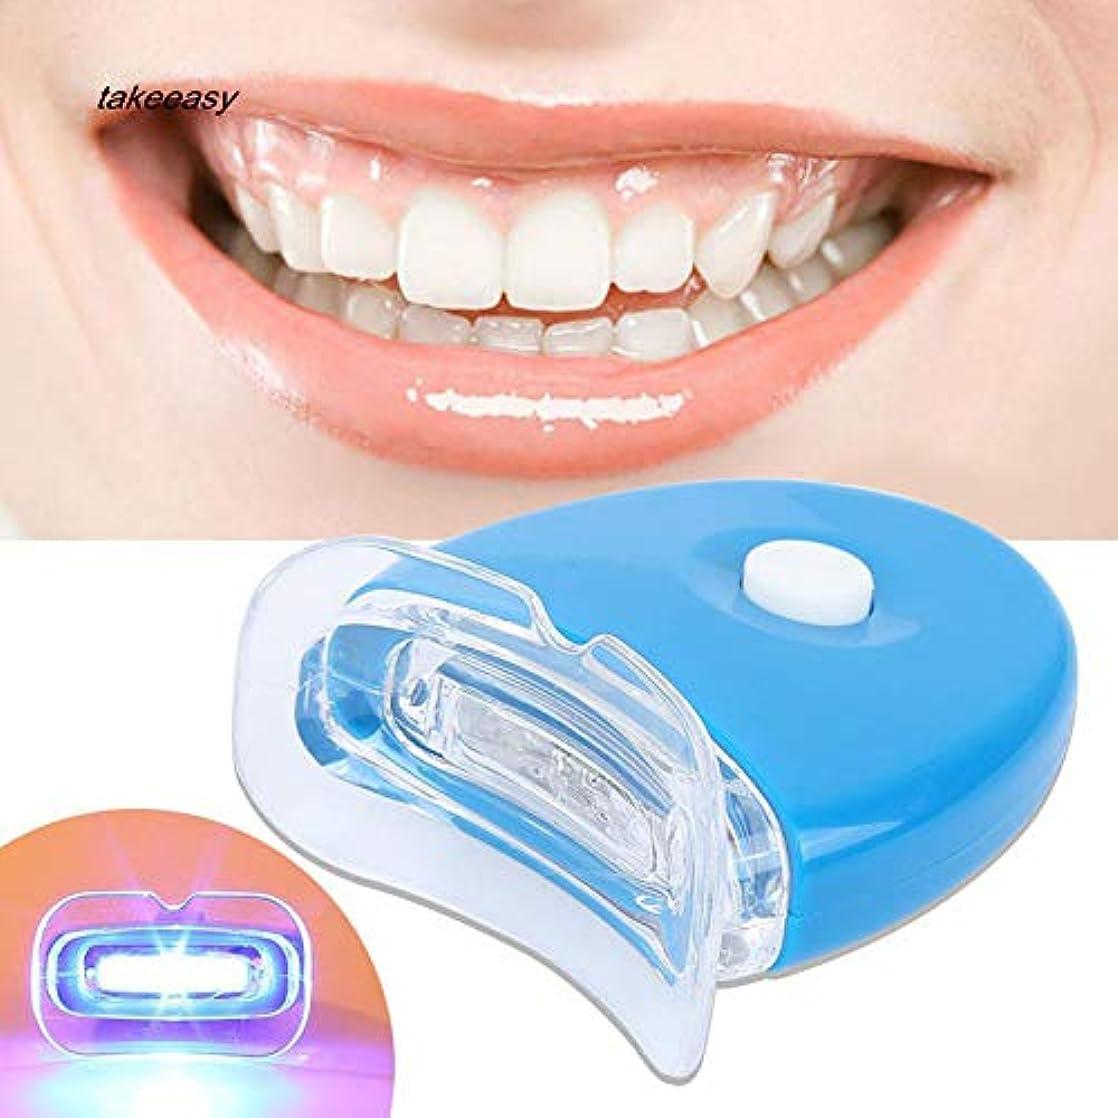 インタラクション酸度システム歯ホワイトニング器 歯美白器 美歯器 ホワイトニング ホワイトナー ケア 歯の消しゴム 歯科機器 口腔ゲルキット ライト付き 歯を白くする